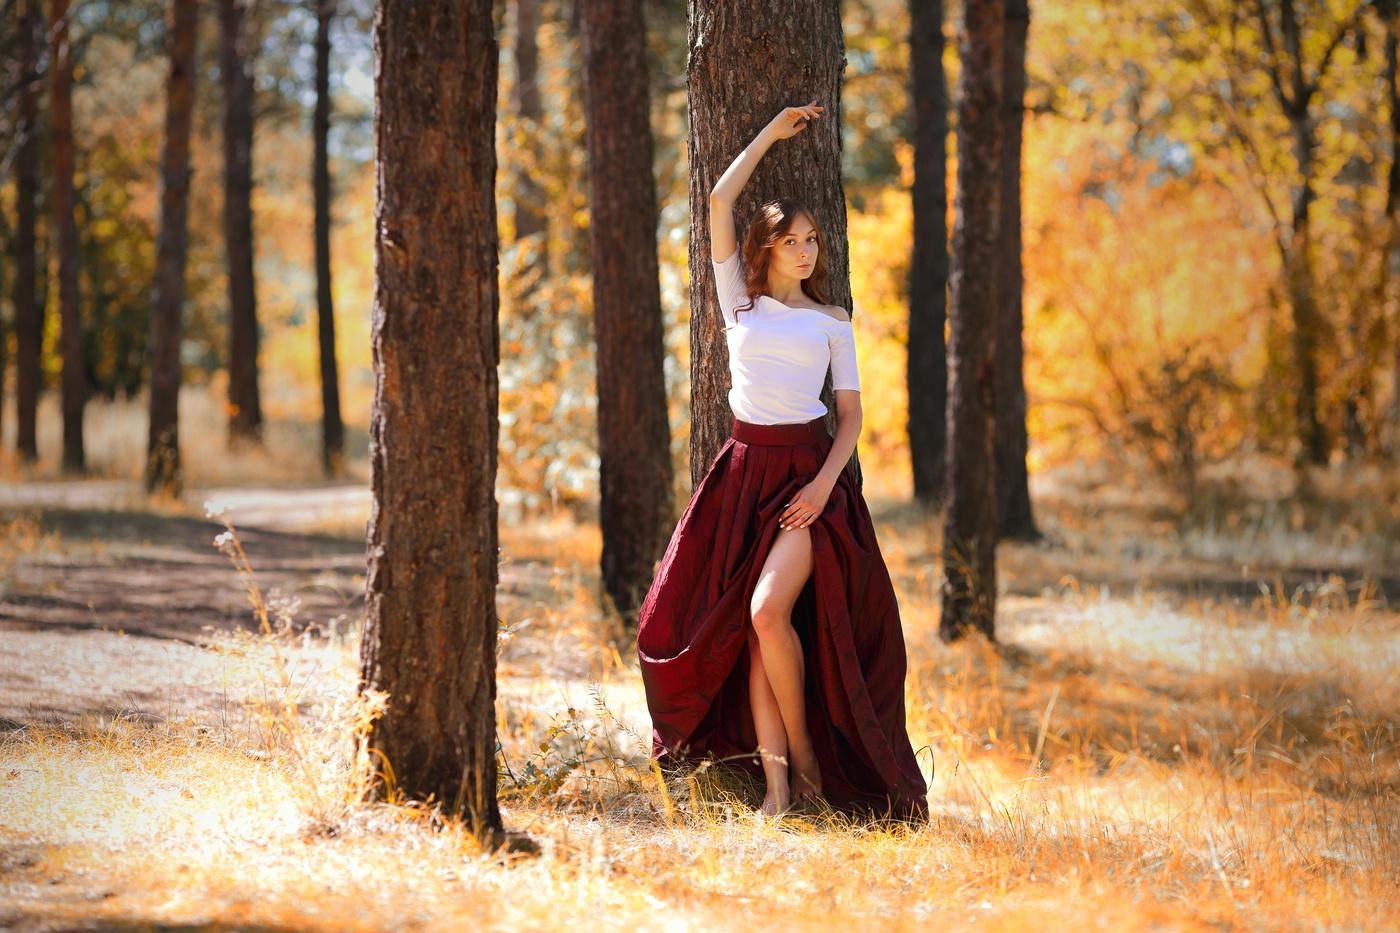 Женские позы для фотосессии в лесу летом